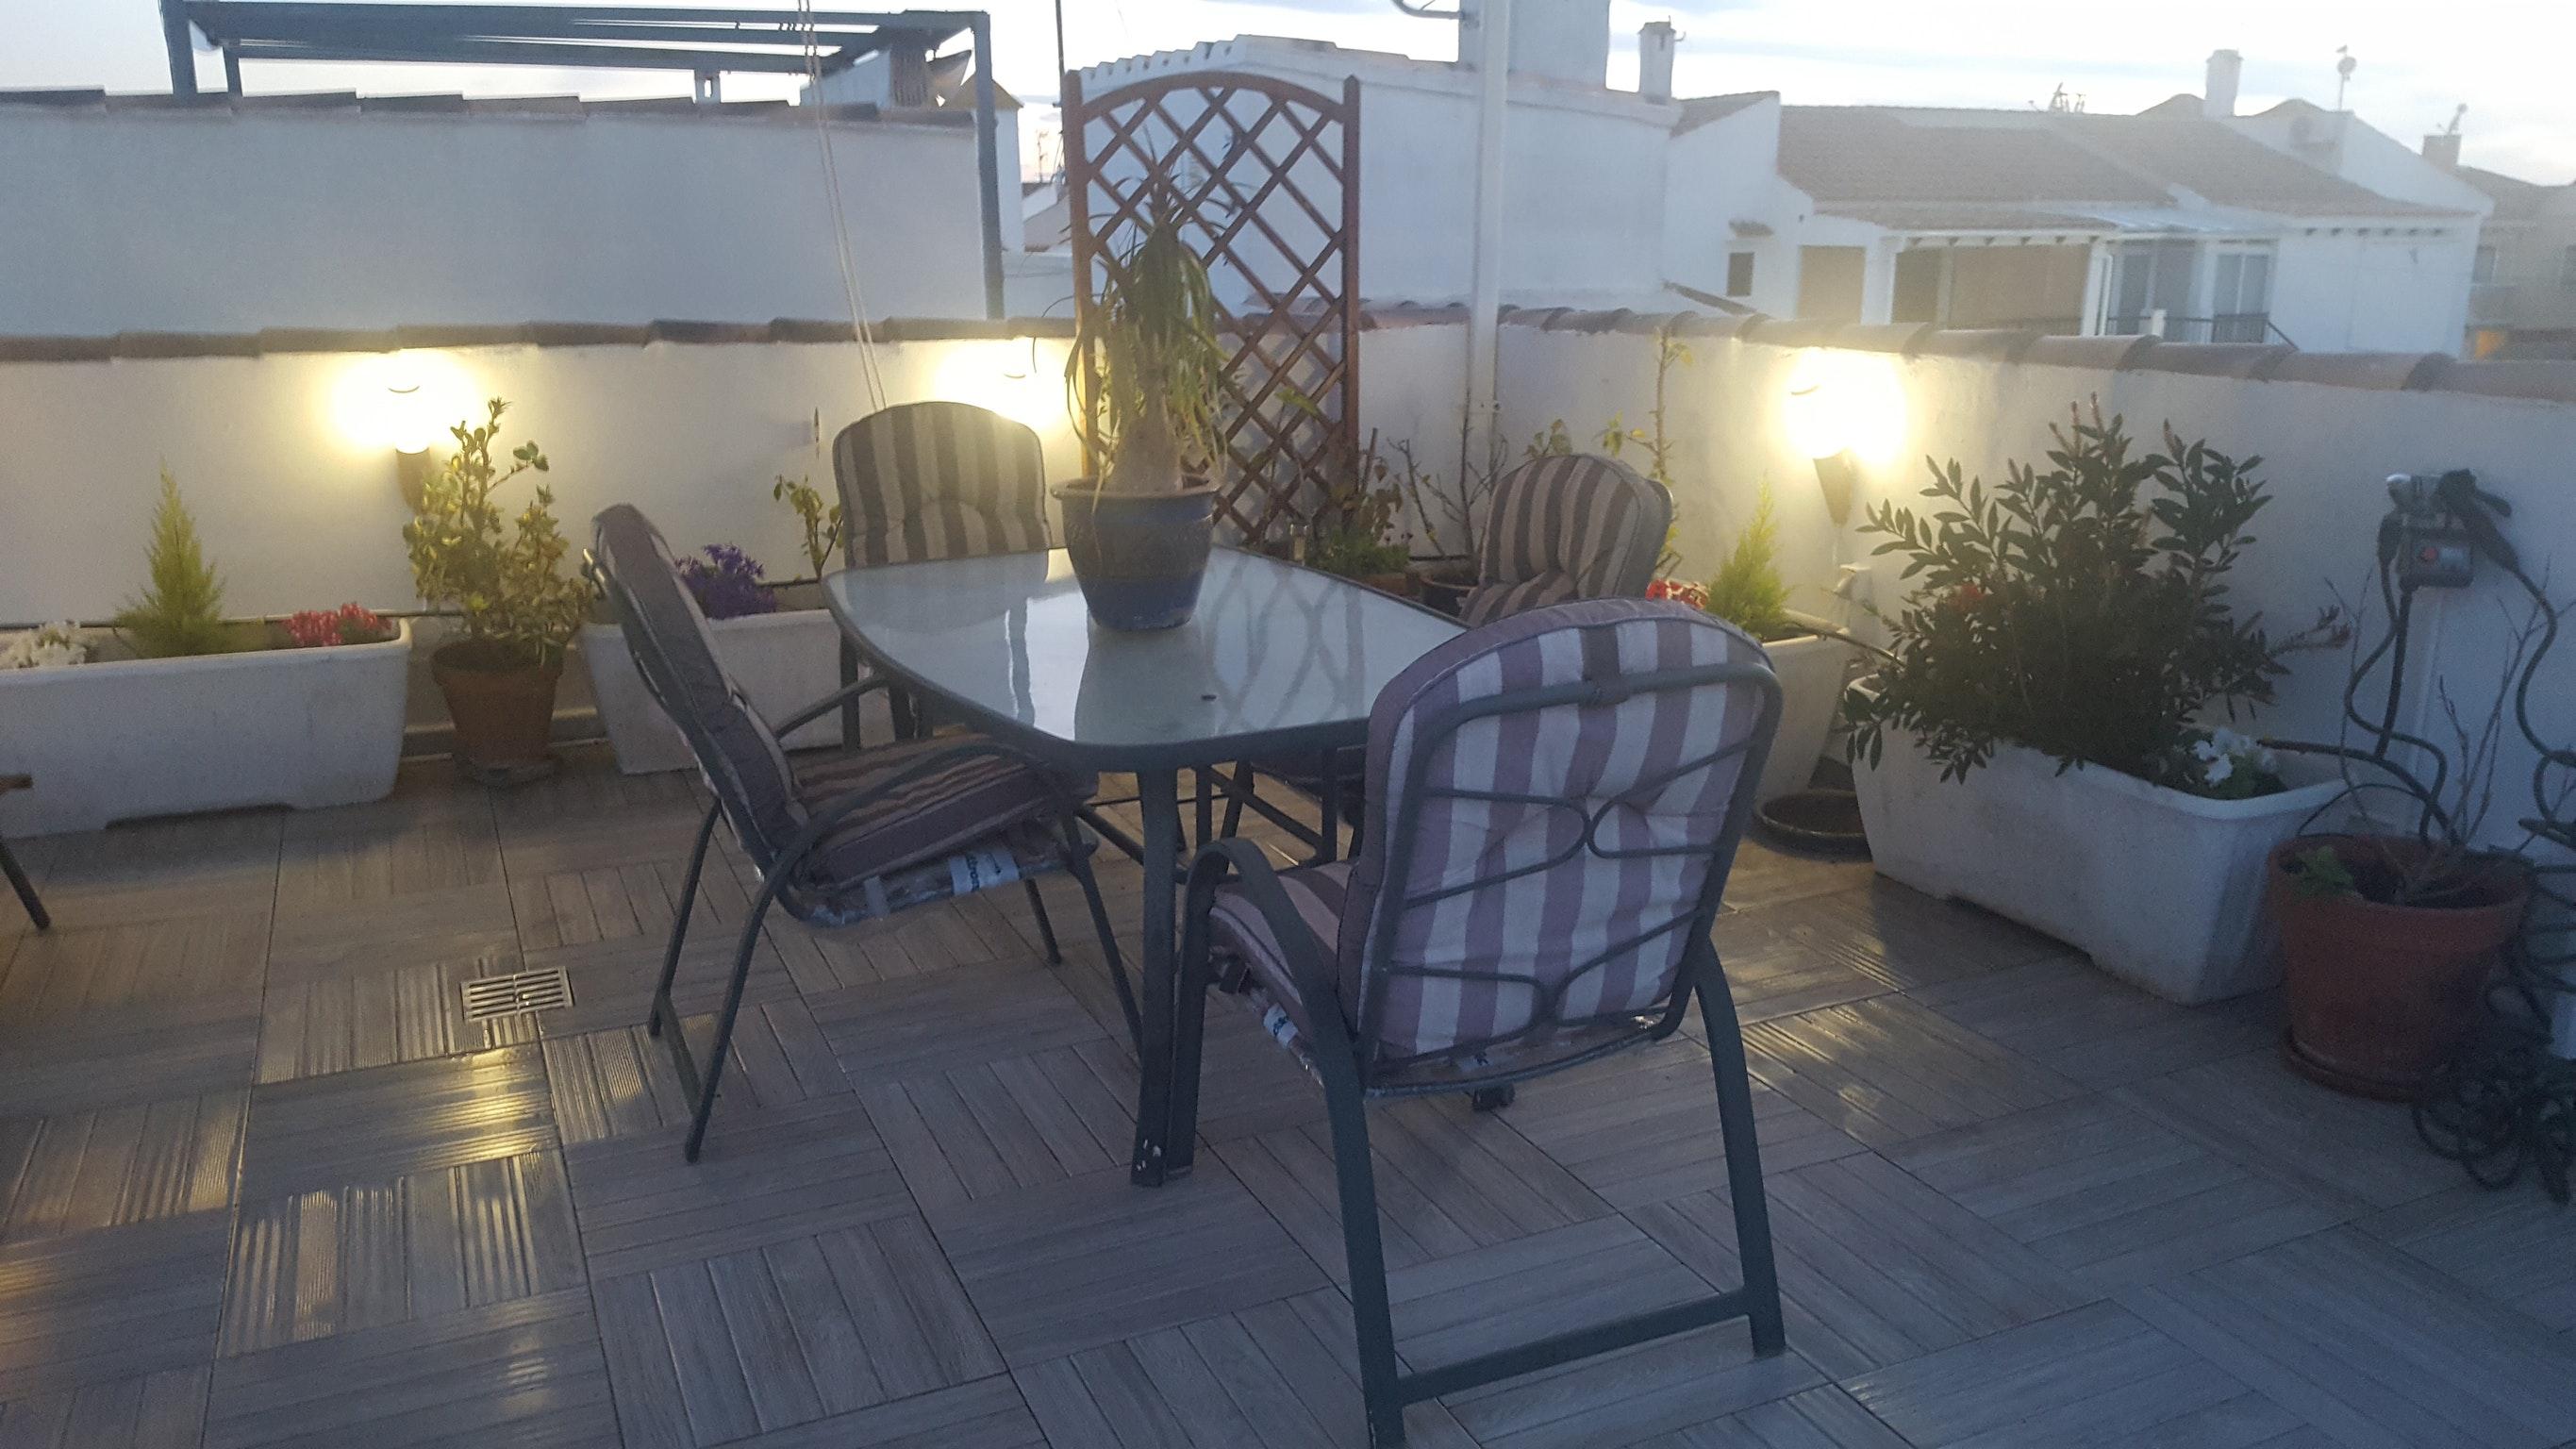 Ferienhaus Sonniges Haus mit 2 Schlafzimmern, WLAN, Swimmingpool und Solarium nahe Torrevieja - 1km z (2202043), Torrevieja, Costa Blanca, Valencia, Spanien, Bild 24